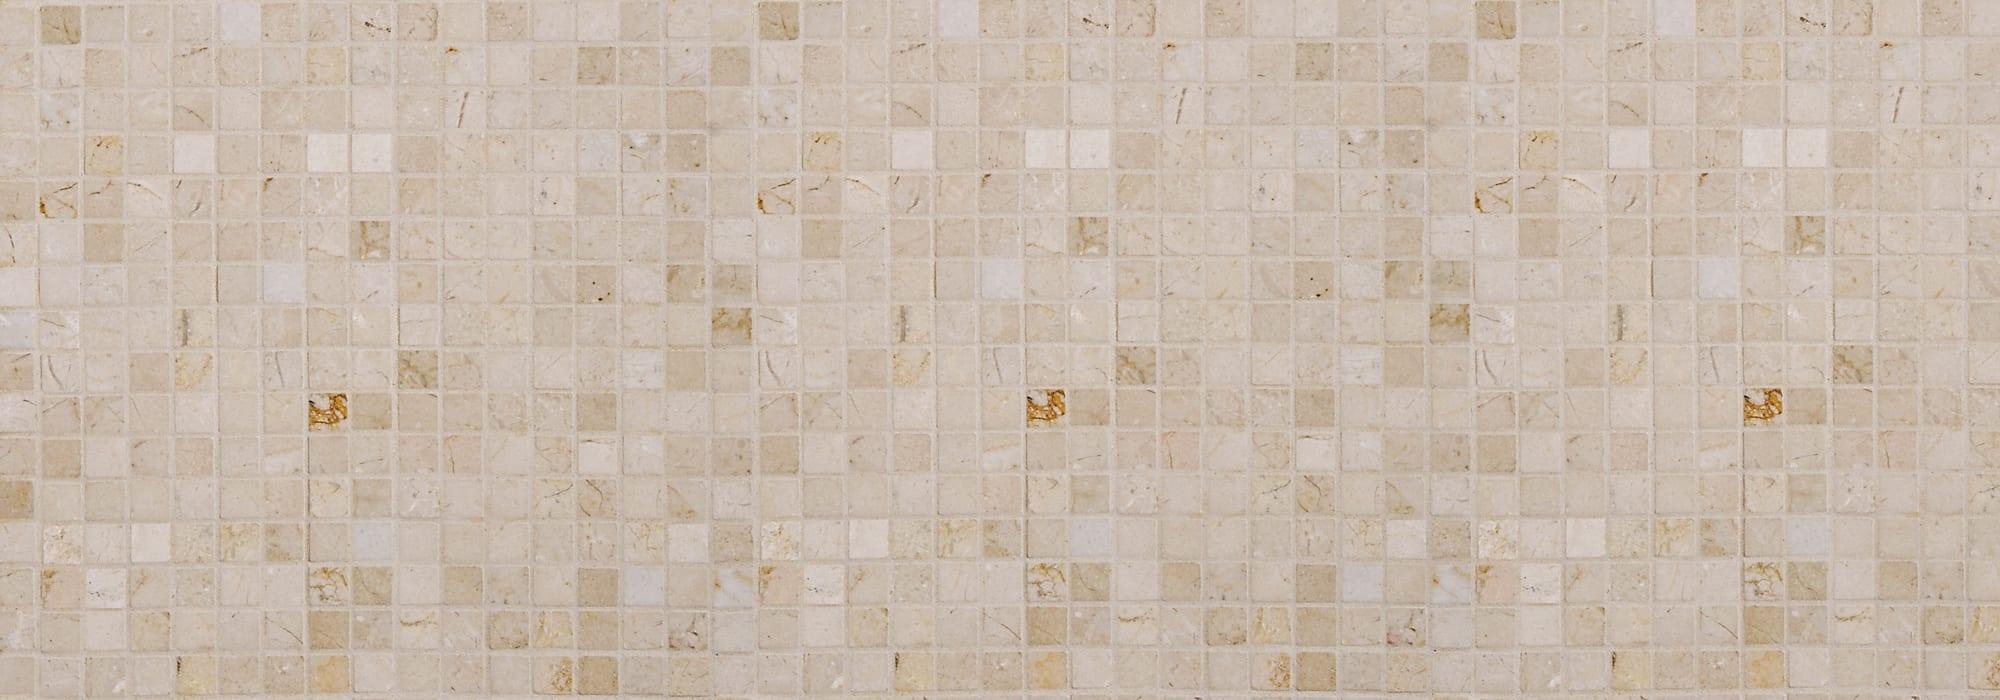 פסיפס אבן קרמה מרפיל 1.5*1.5 by Milstone